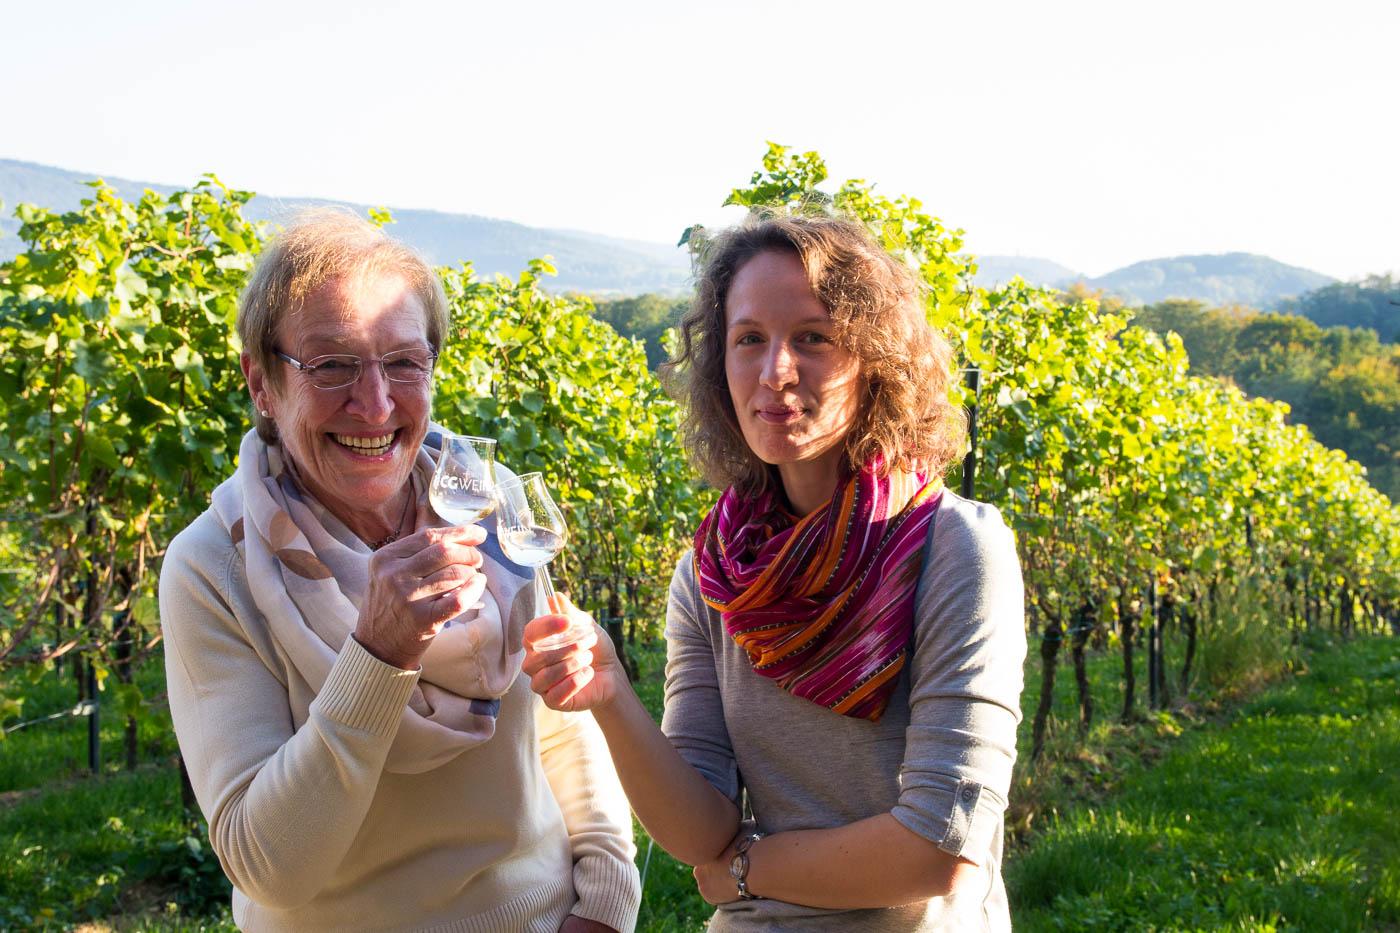 Weinprobe Hessische Bergstraße im Weinberg (9 von 24)